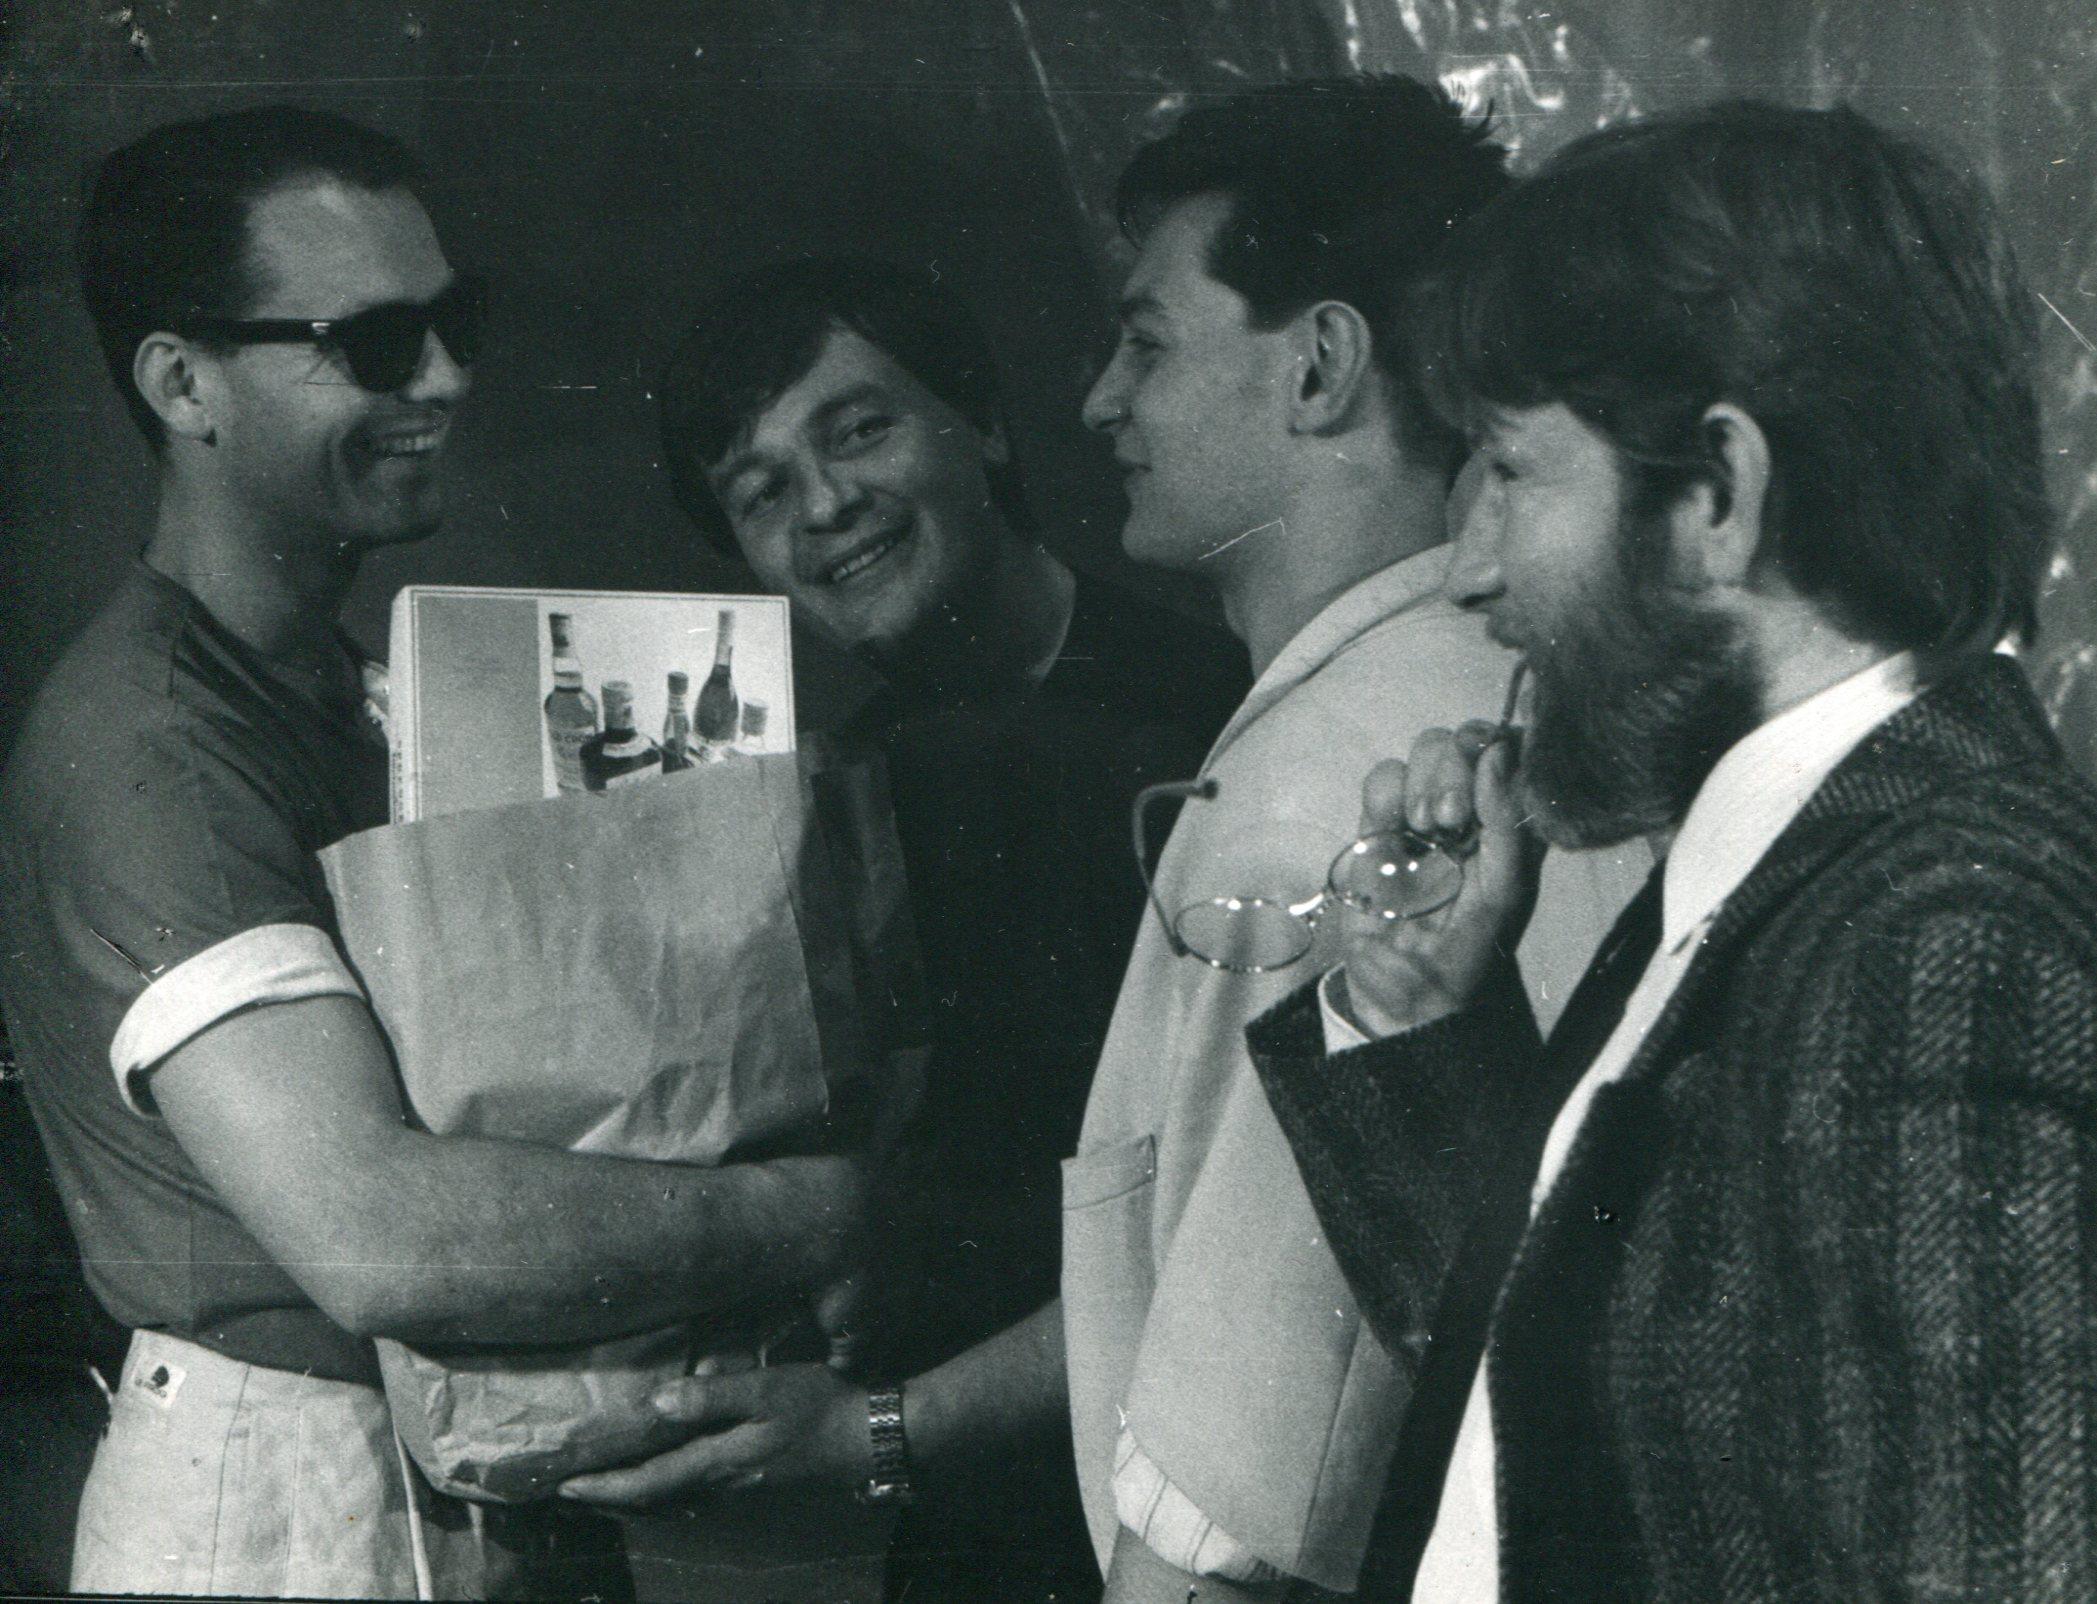 Zdjęcia archiwalne spektaklu 'Normalne serce' w reż. Grzegorza Mrówczyńskiego, wystawionego w 1987 roku w Teatrze Polskim w Poznaniu (fot. Rafał Jasionowicz)